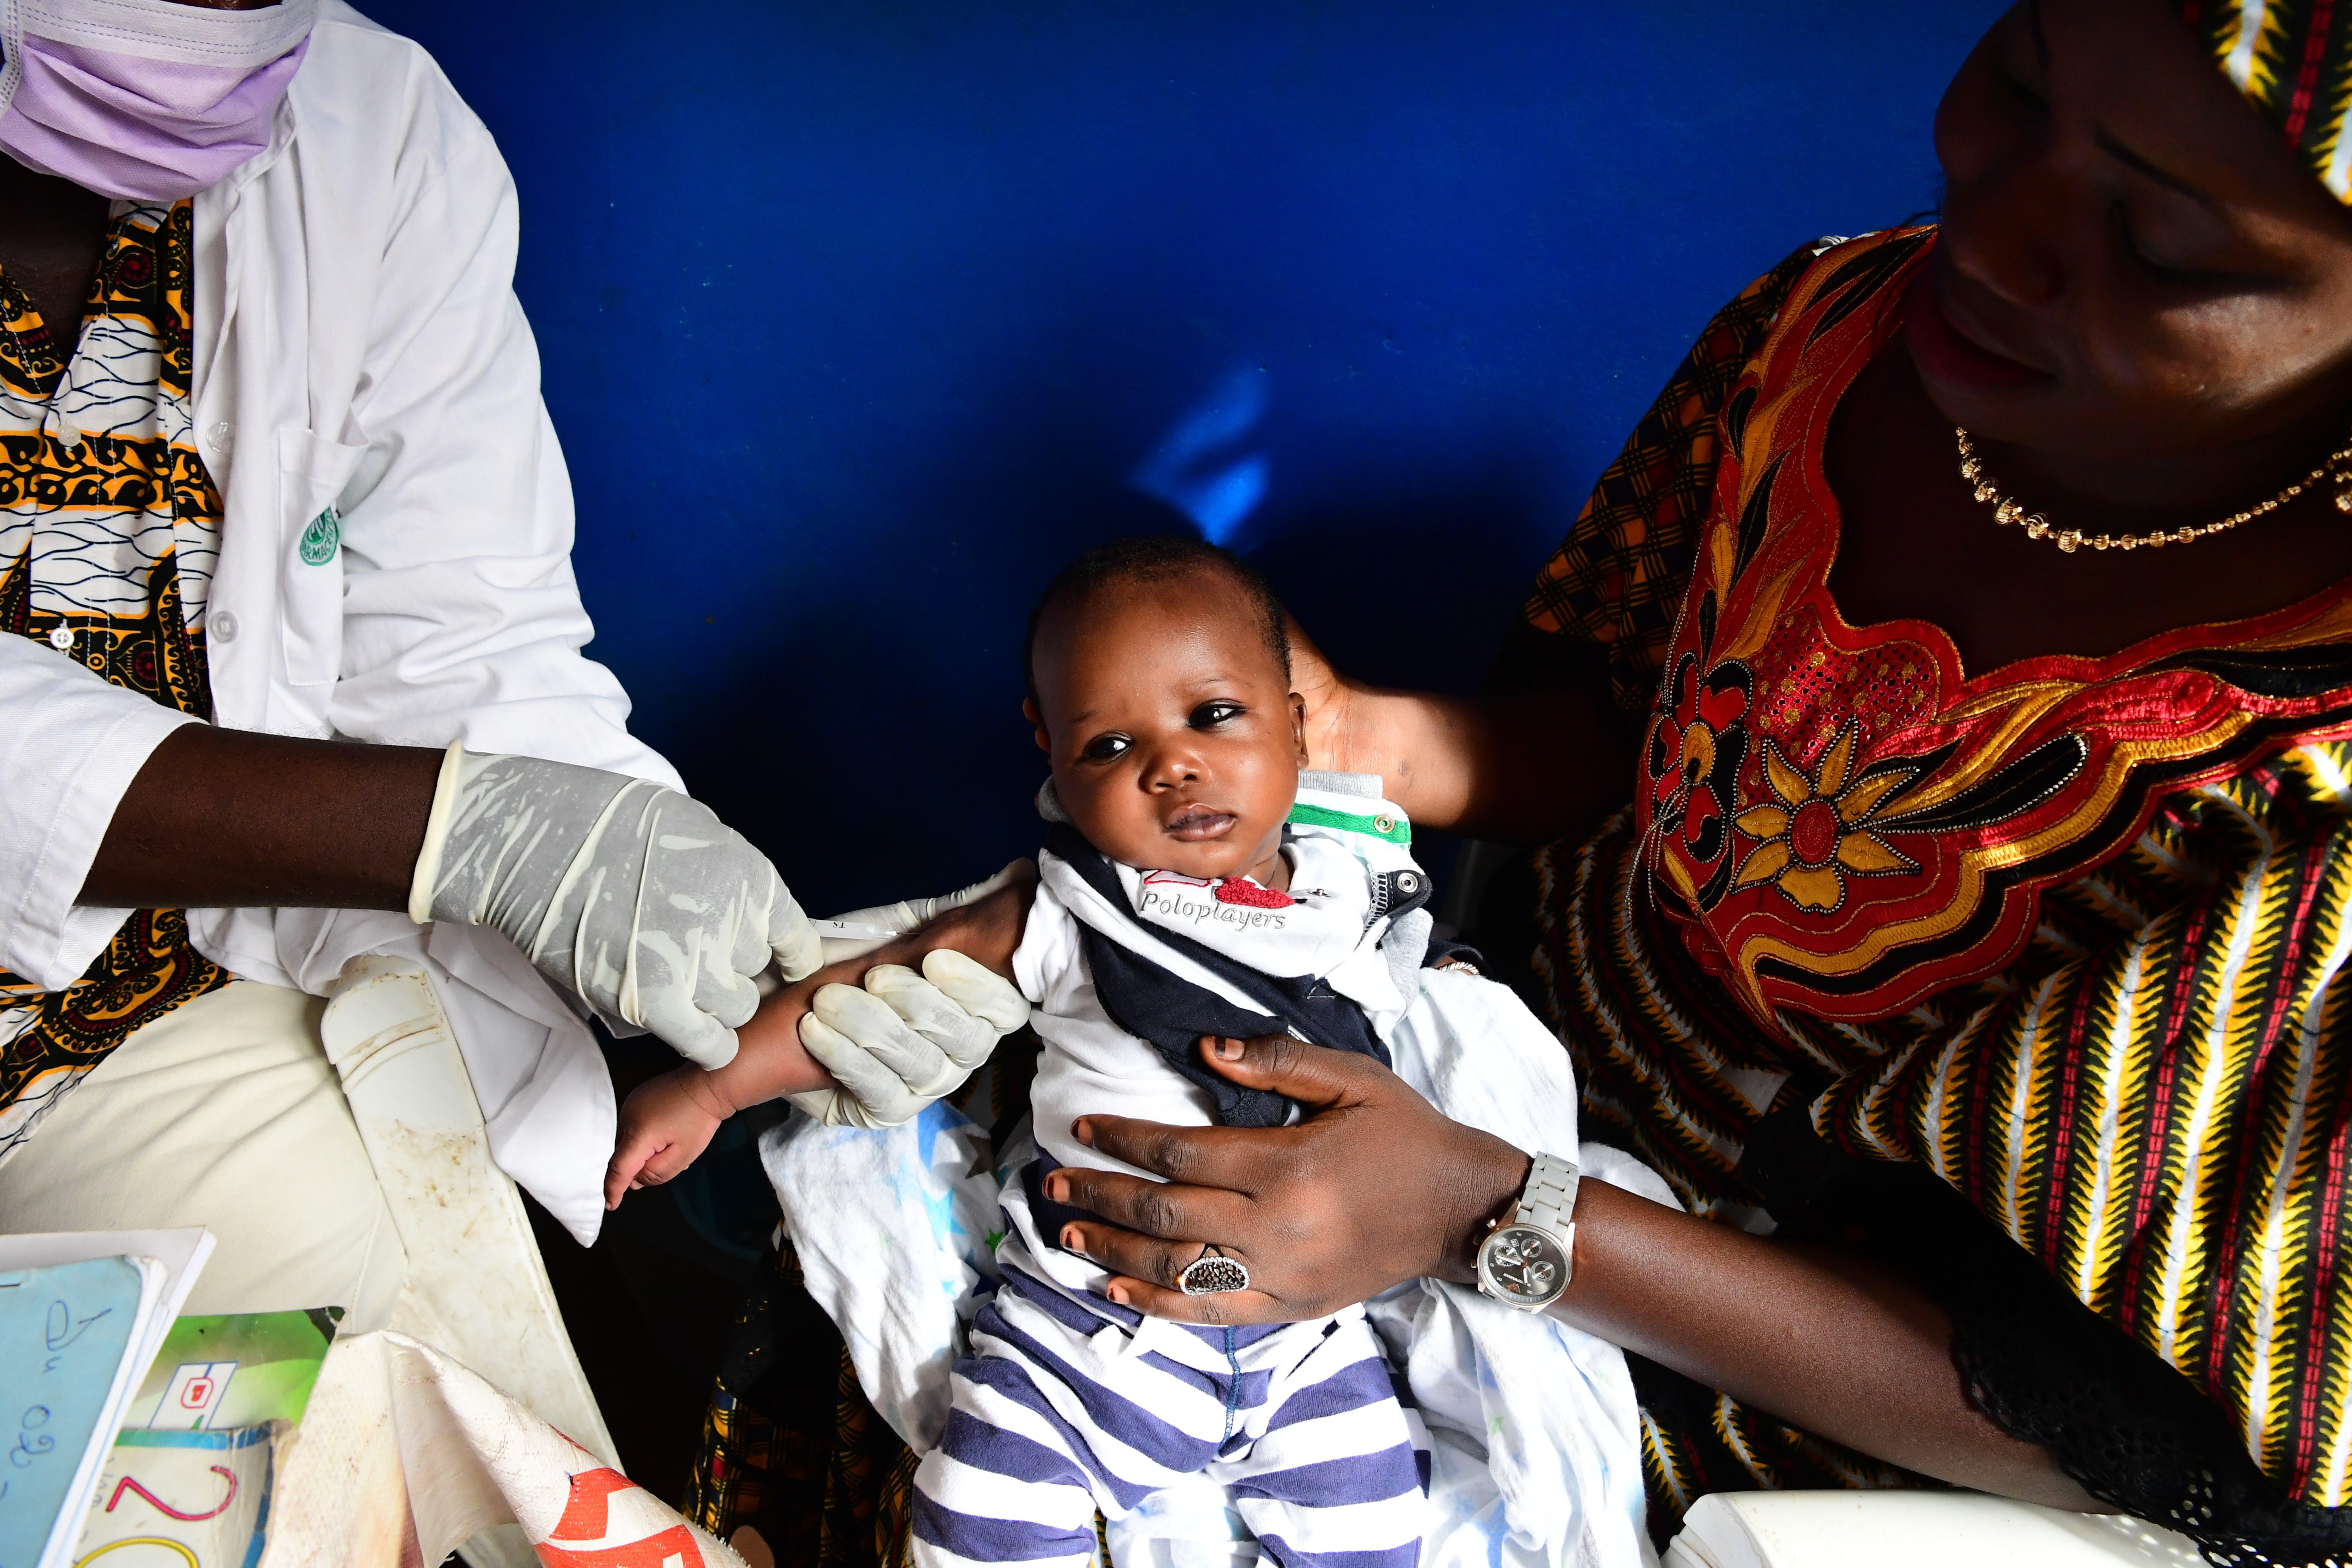 Costa d'Avorio: il piccolo Djibril in braccio alla mamma per le vaccinazioni di routine